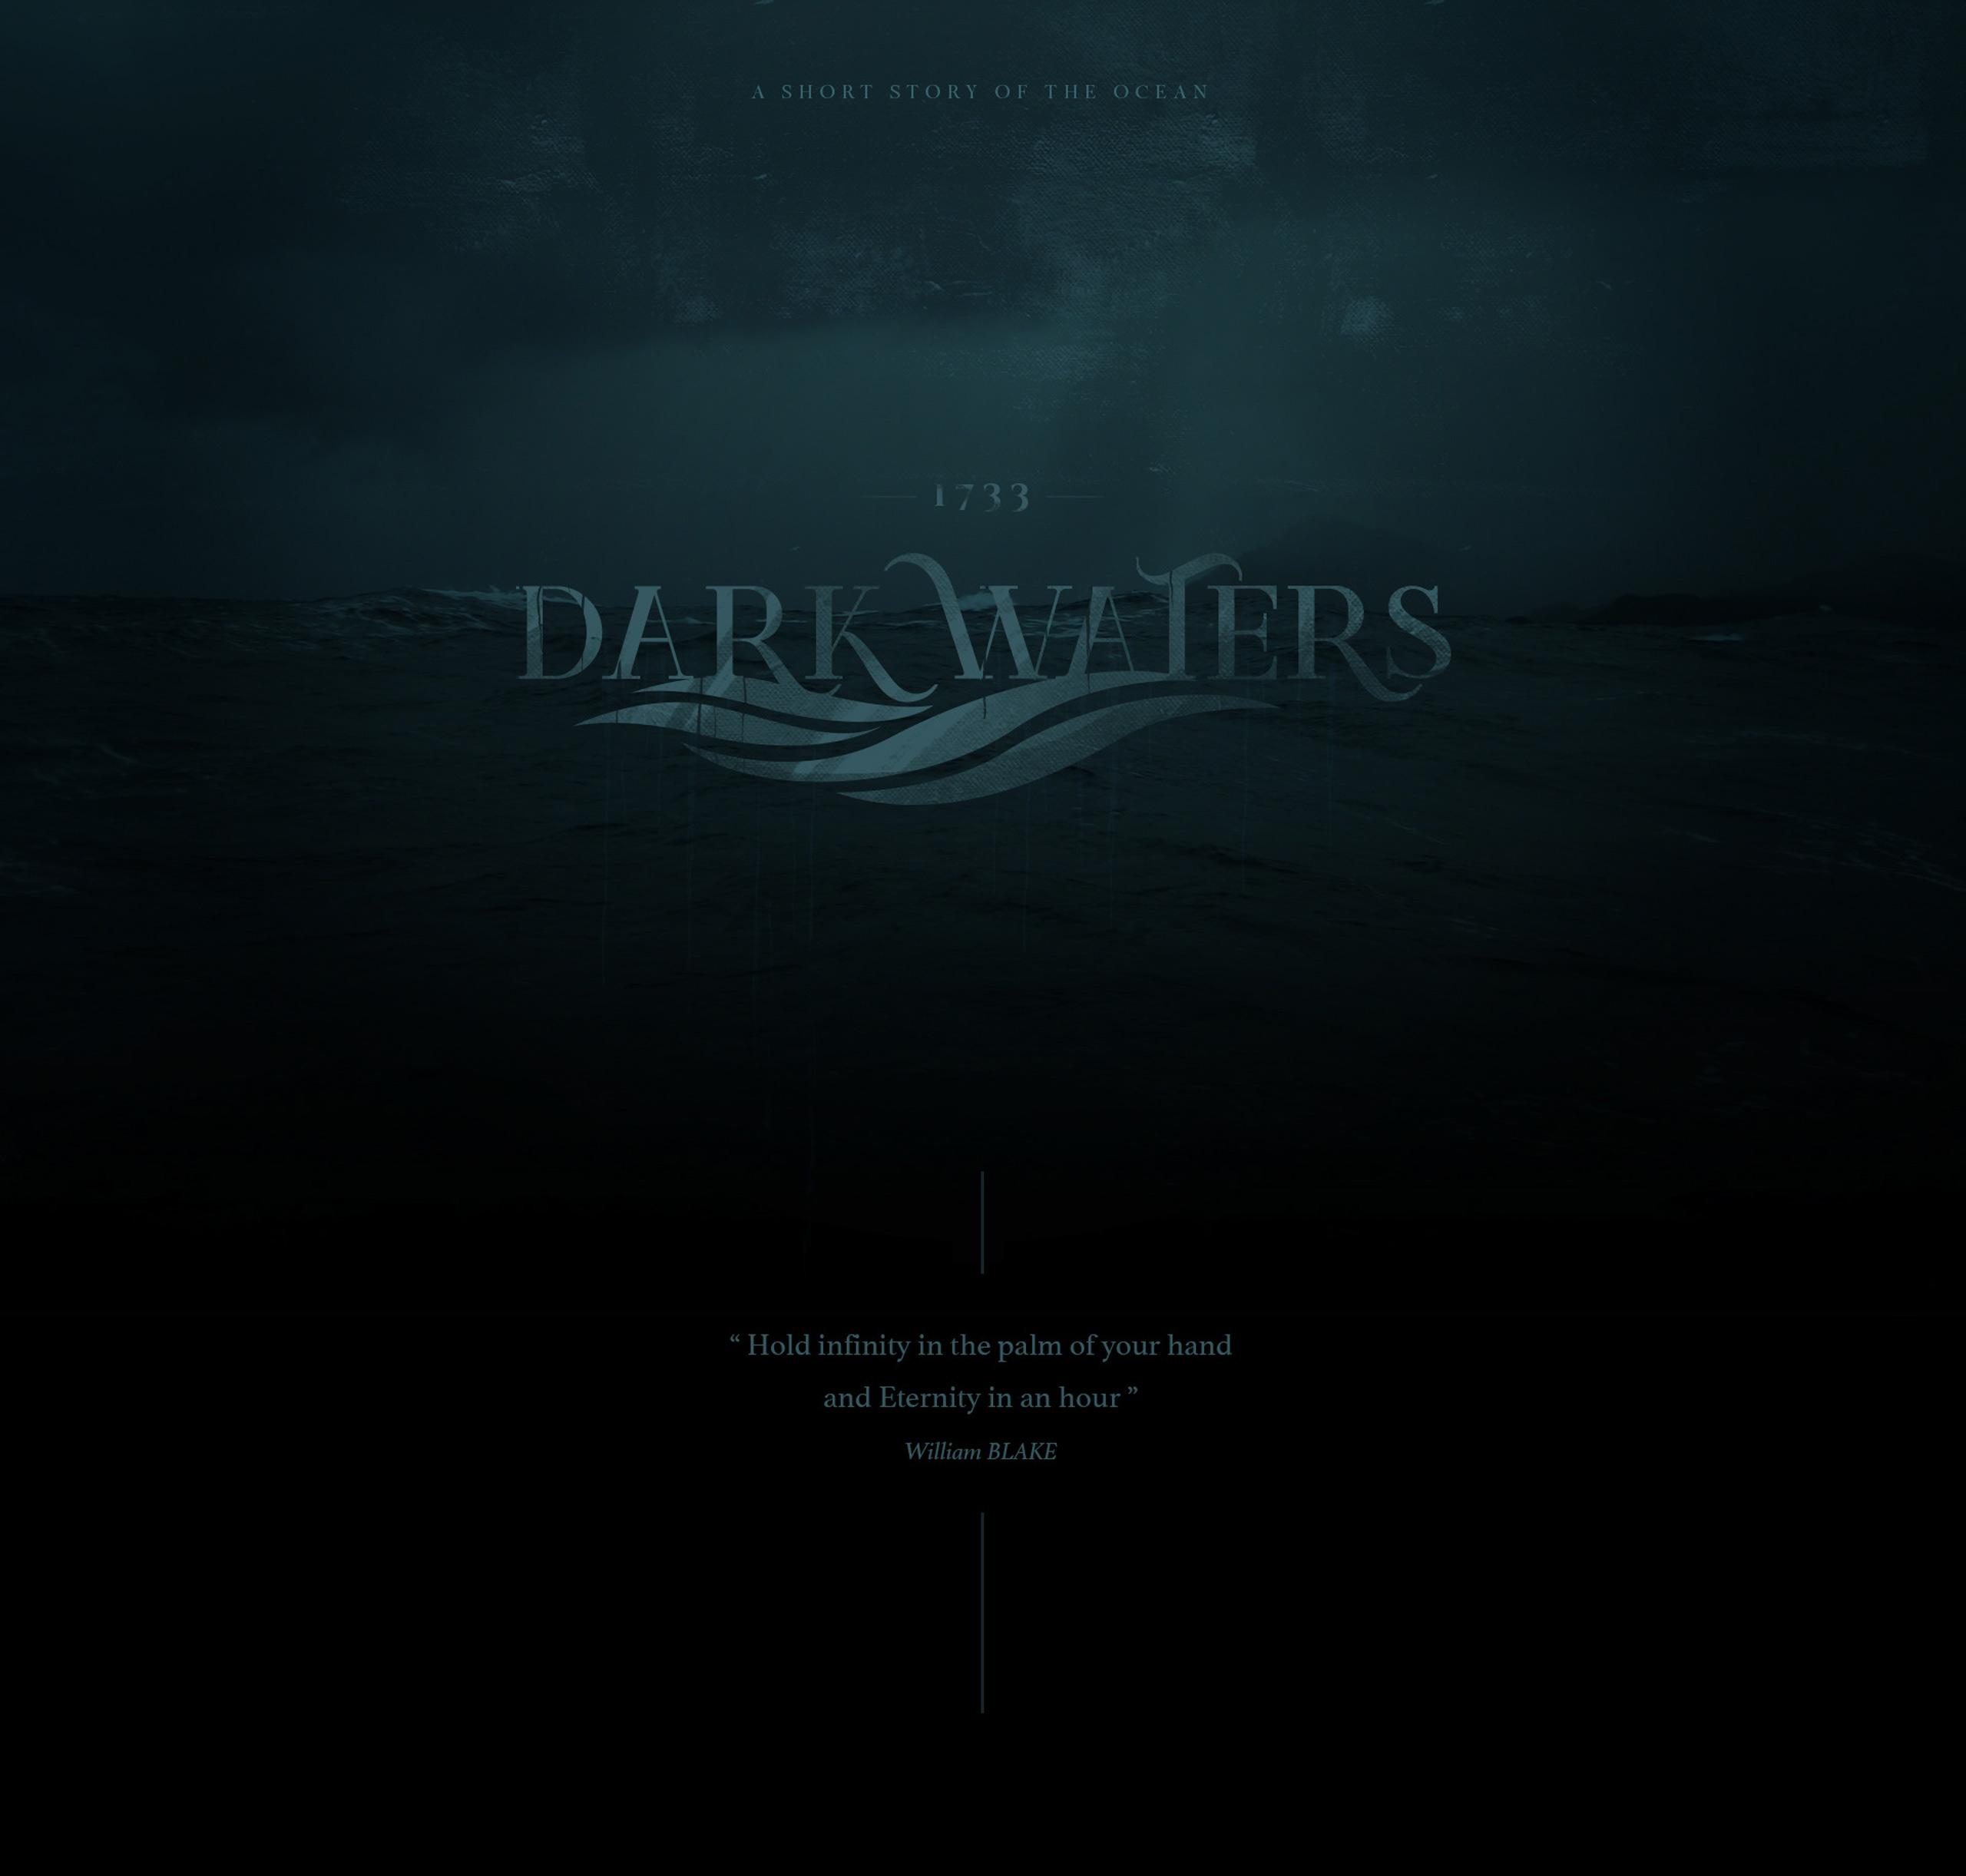 dark-waters-fram-0-project